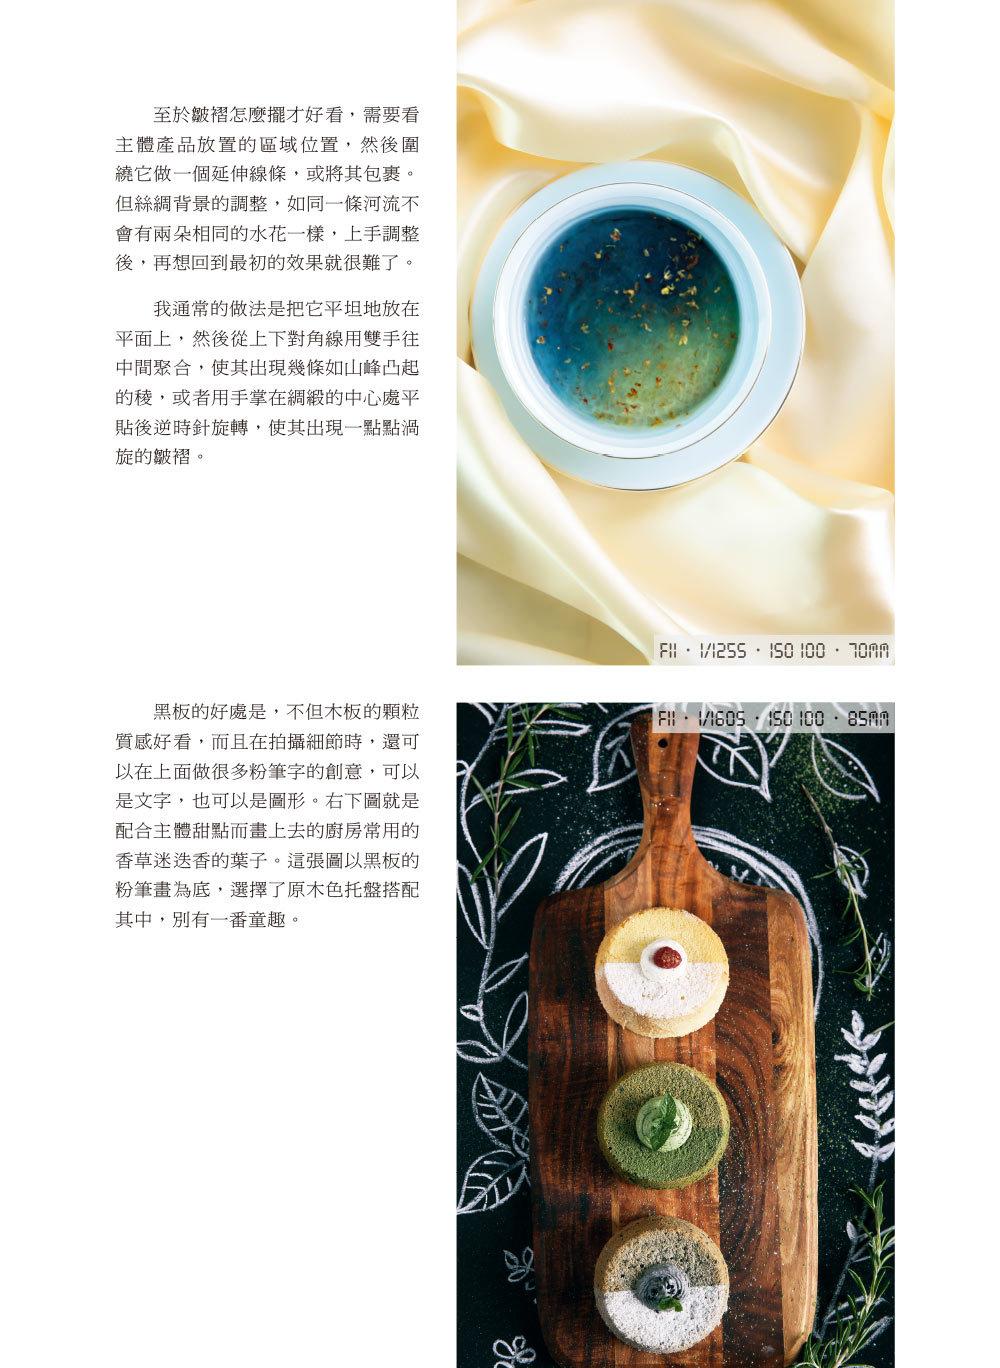 專業美食攝影秘訣大公開 布景x構圖x光線-preview-4